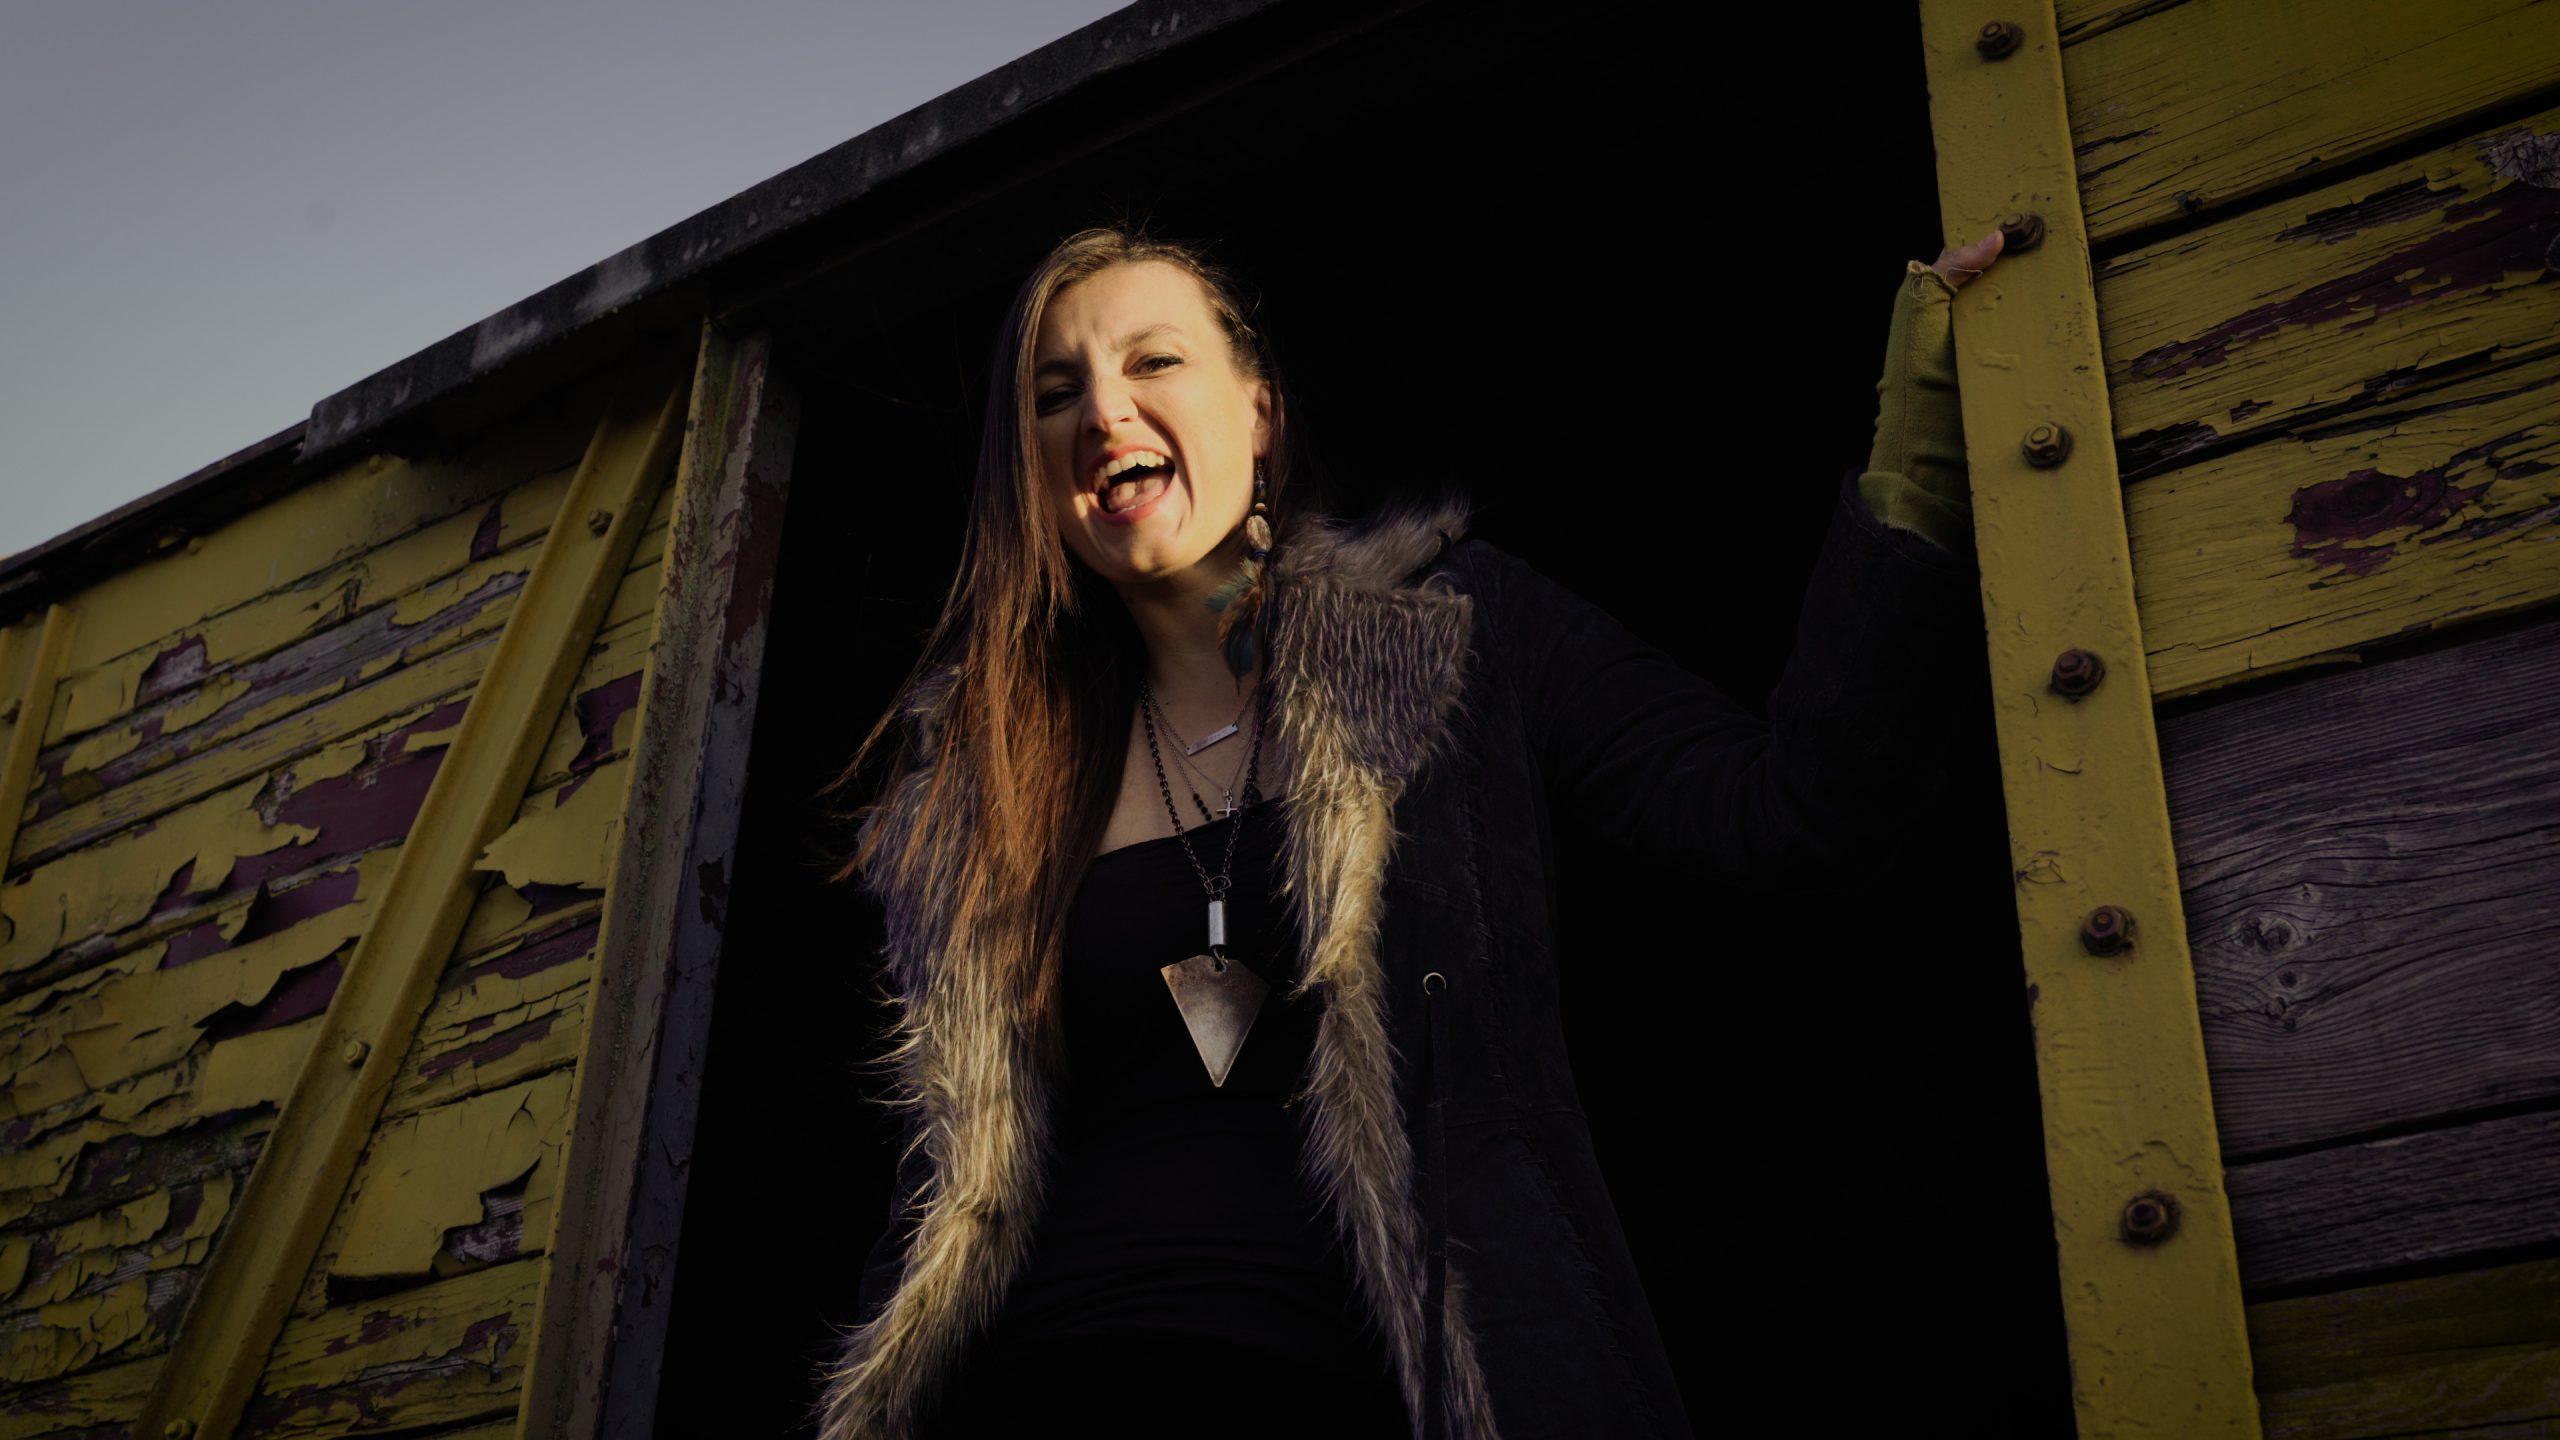 """Sunnysiders novim mračnim singlom """"No Pockets In The Grave"""" podsjećaju na prolaznost života i važnost nematerijalnih vrijednosti"""